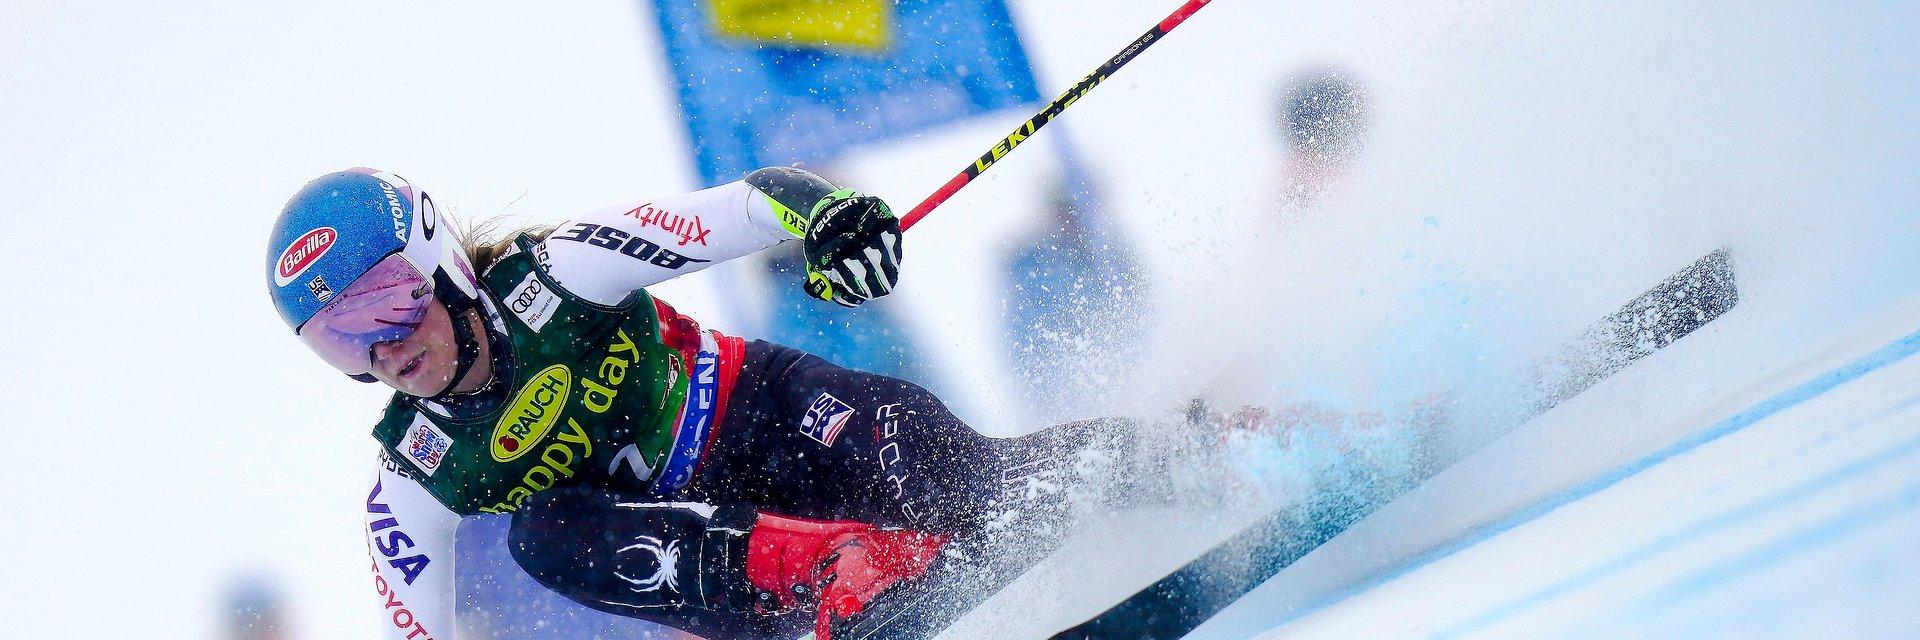 Sportową zimę czas zacząć! Puchar Świata w narciarstwie alpejskim od soboty na żywo tylko w Eurosporcie i Eurosport Playerze